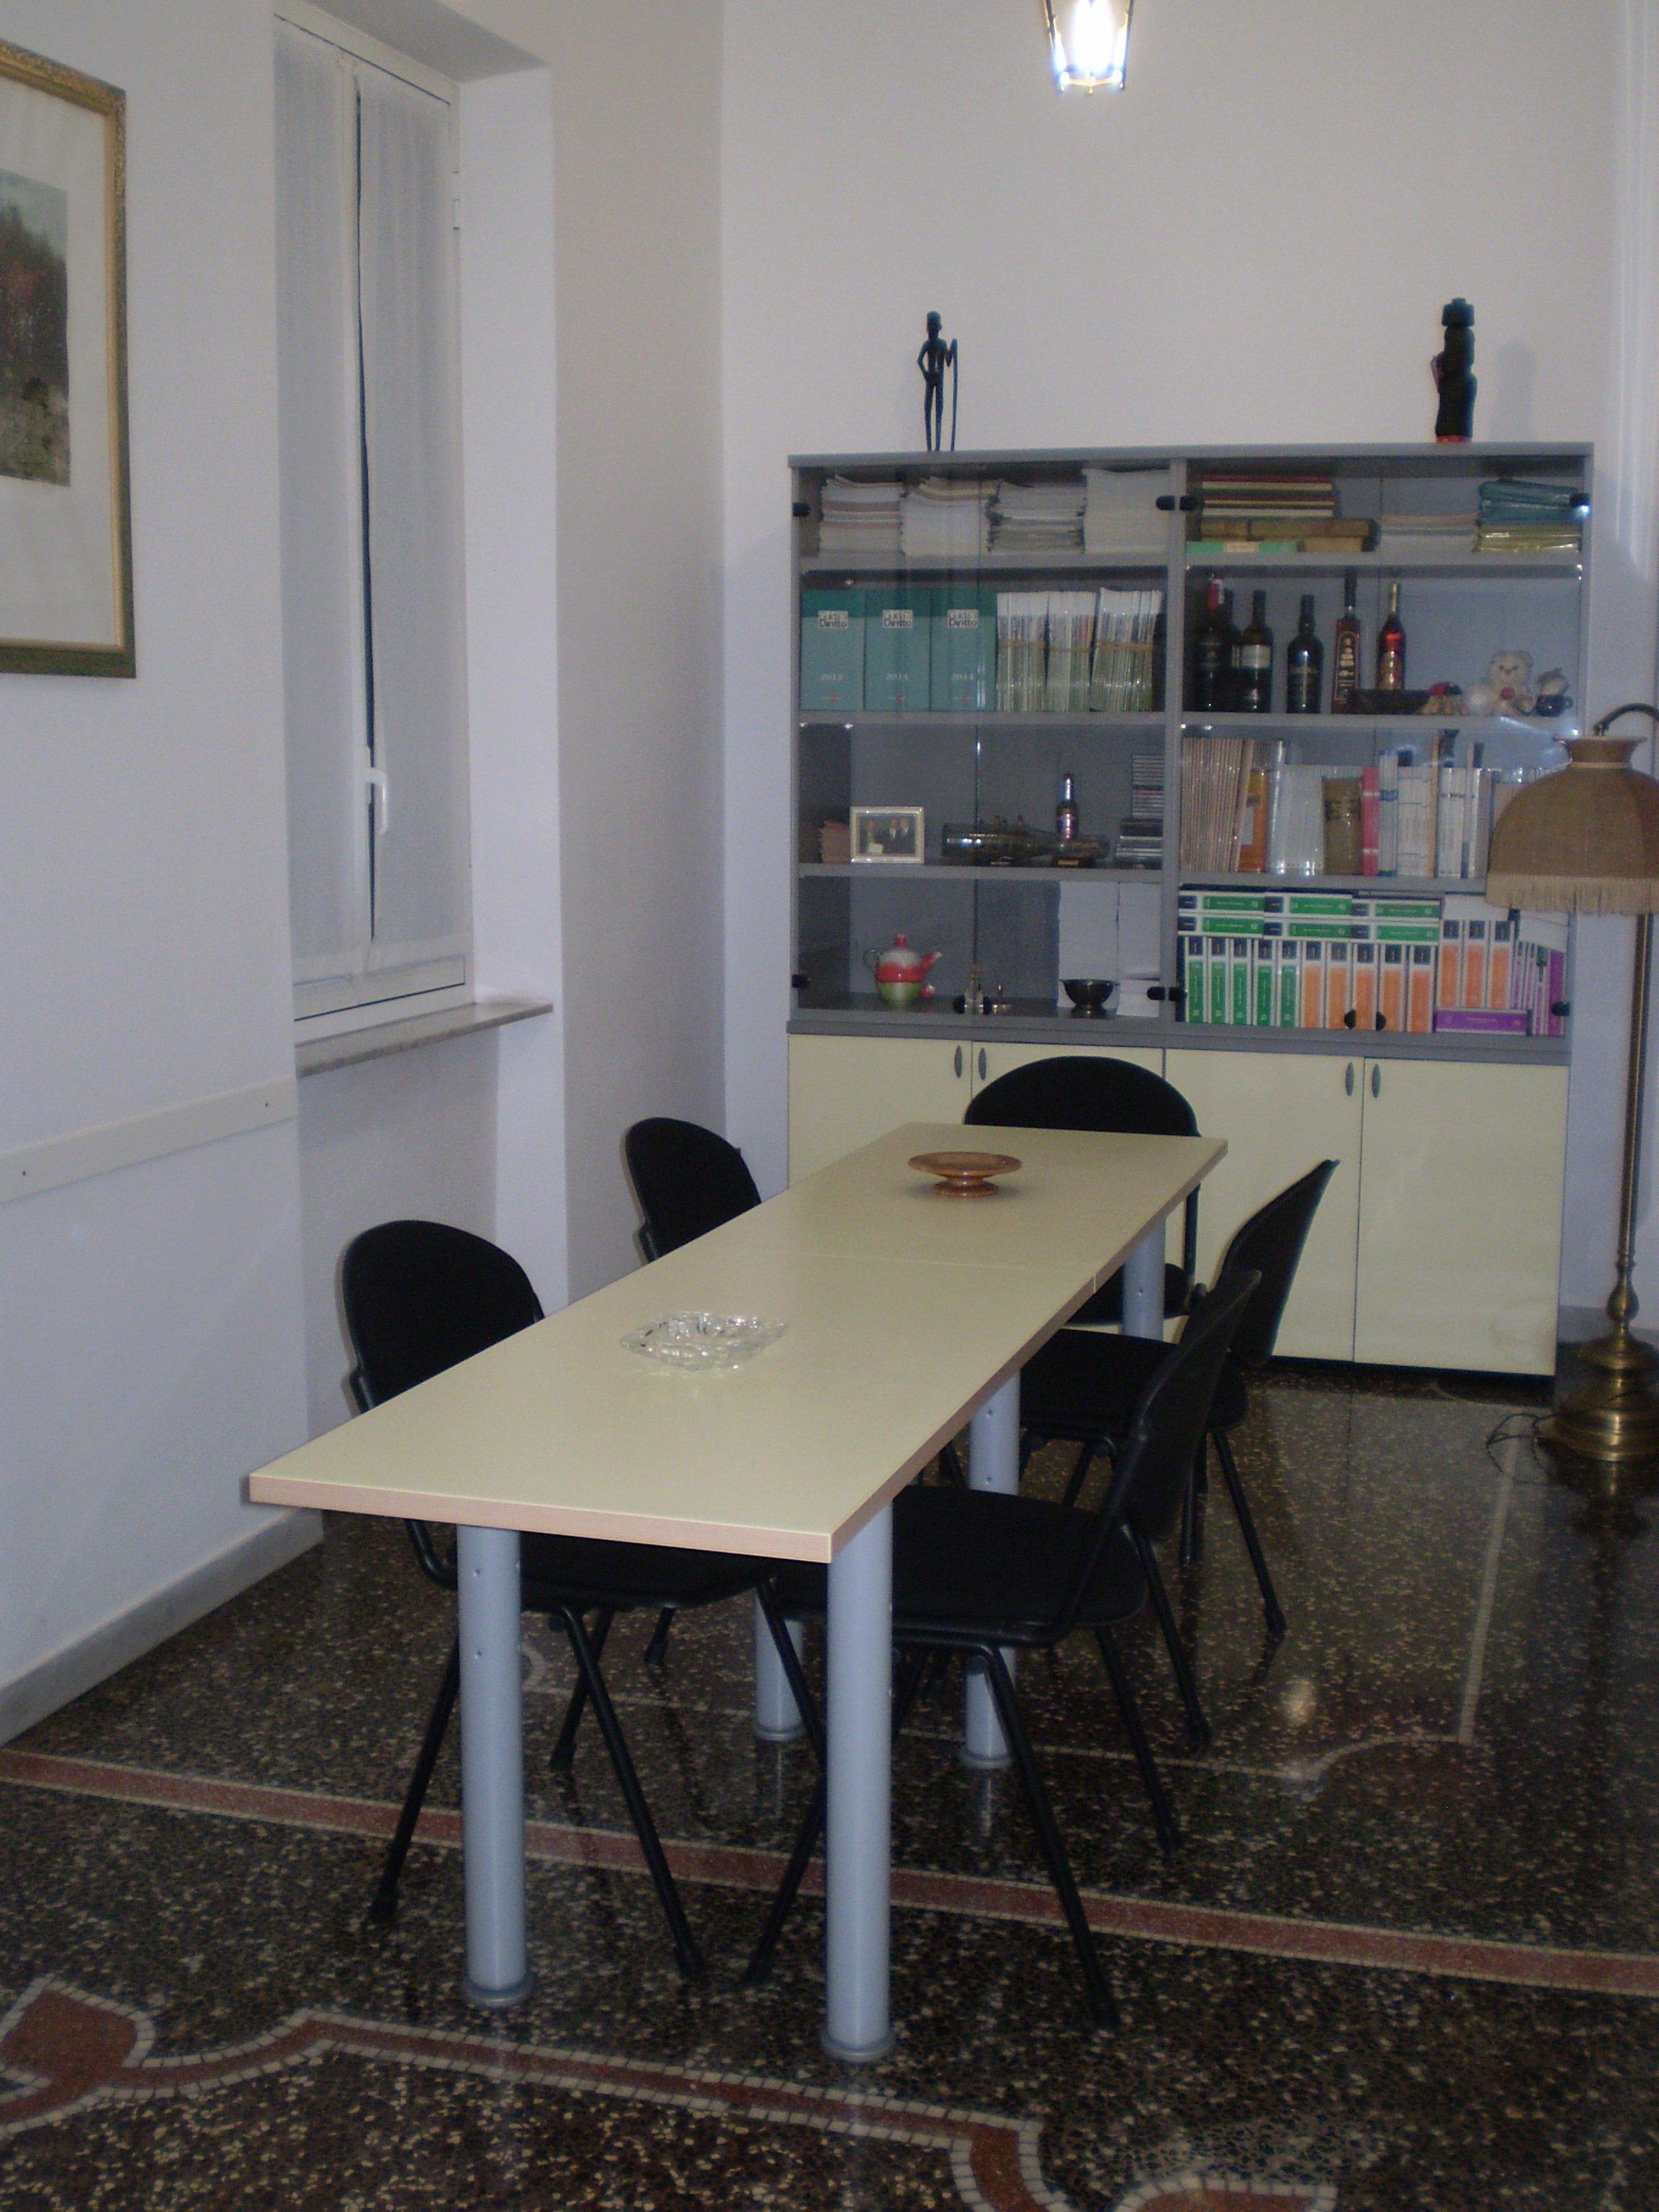 sala riunioni con tavolo bianco, sedie nere e libreria